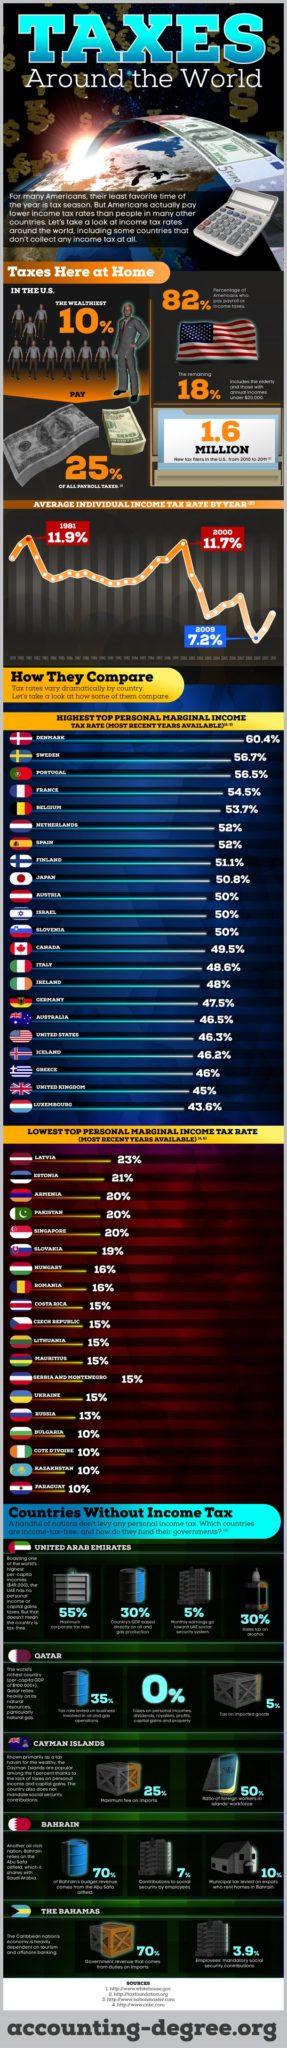 awara-taxes-around-world